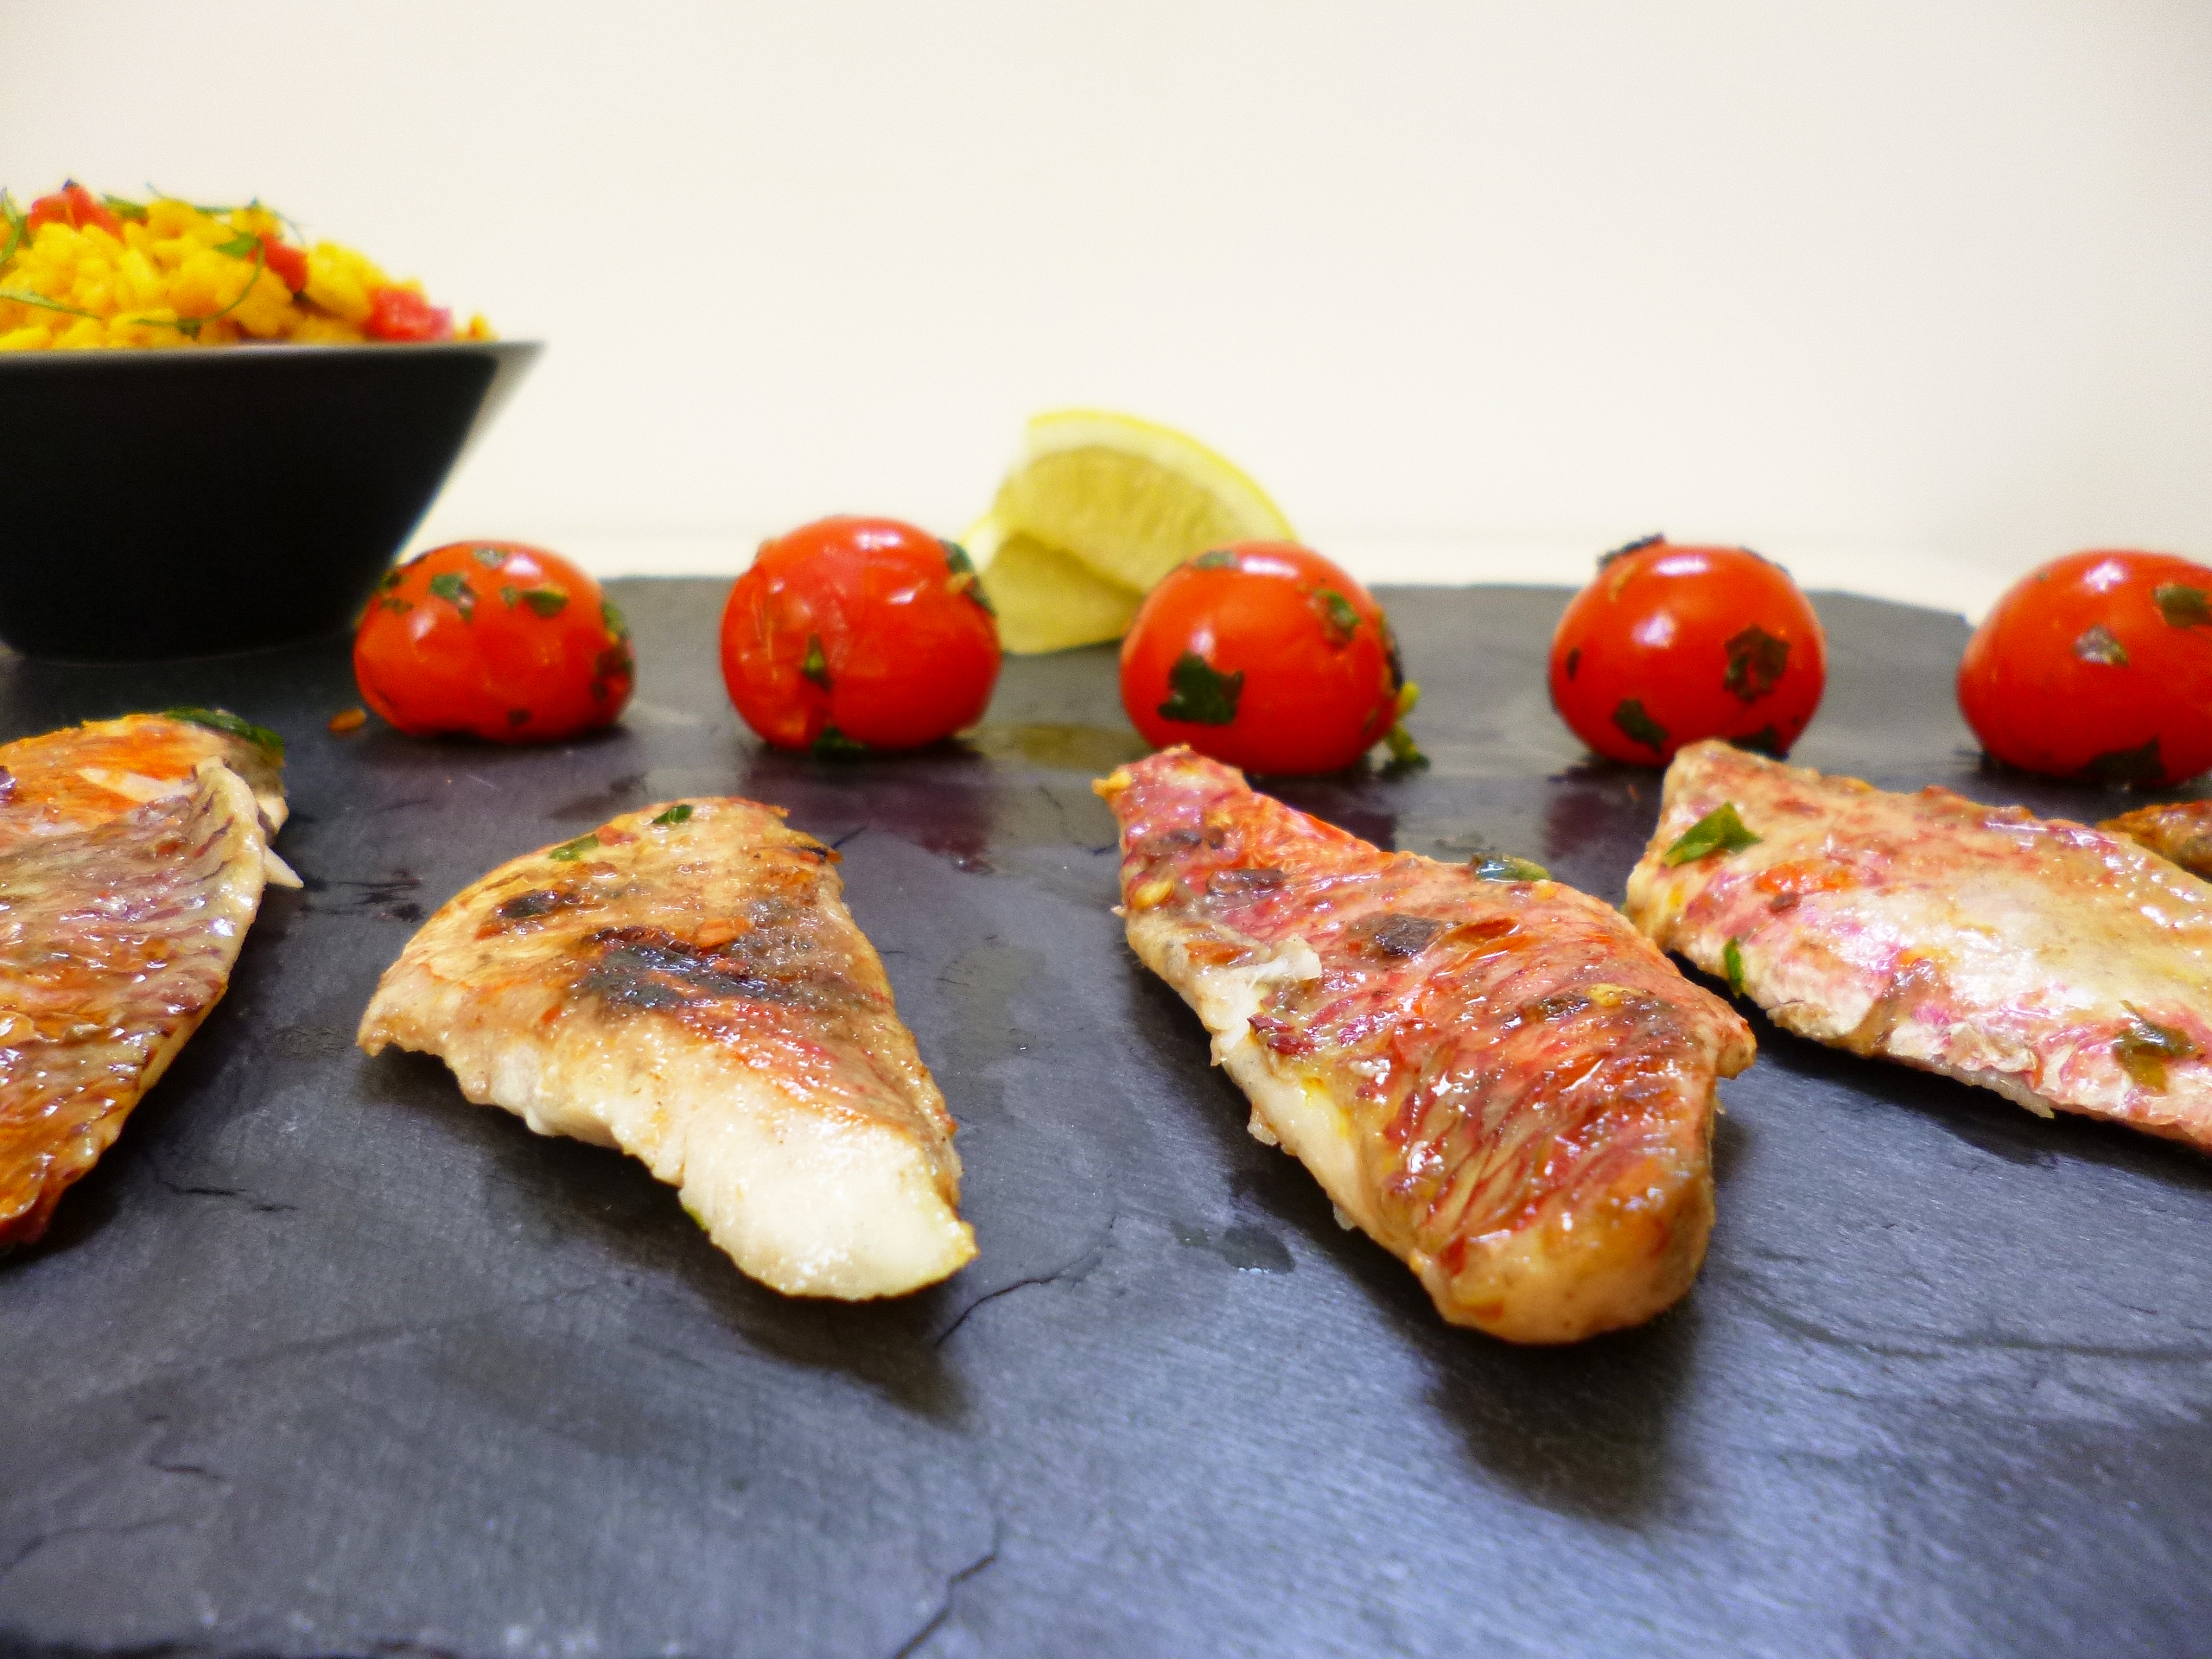 filets de rouget 224 la plancha la recette facile par toqu 233 s 2 cuisine